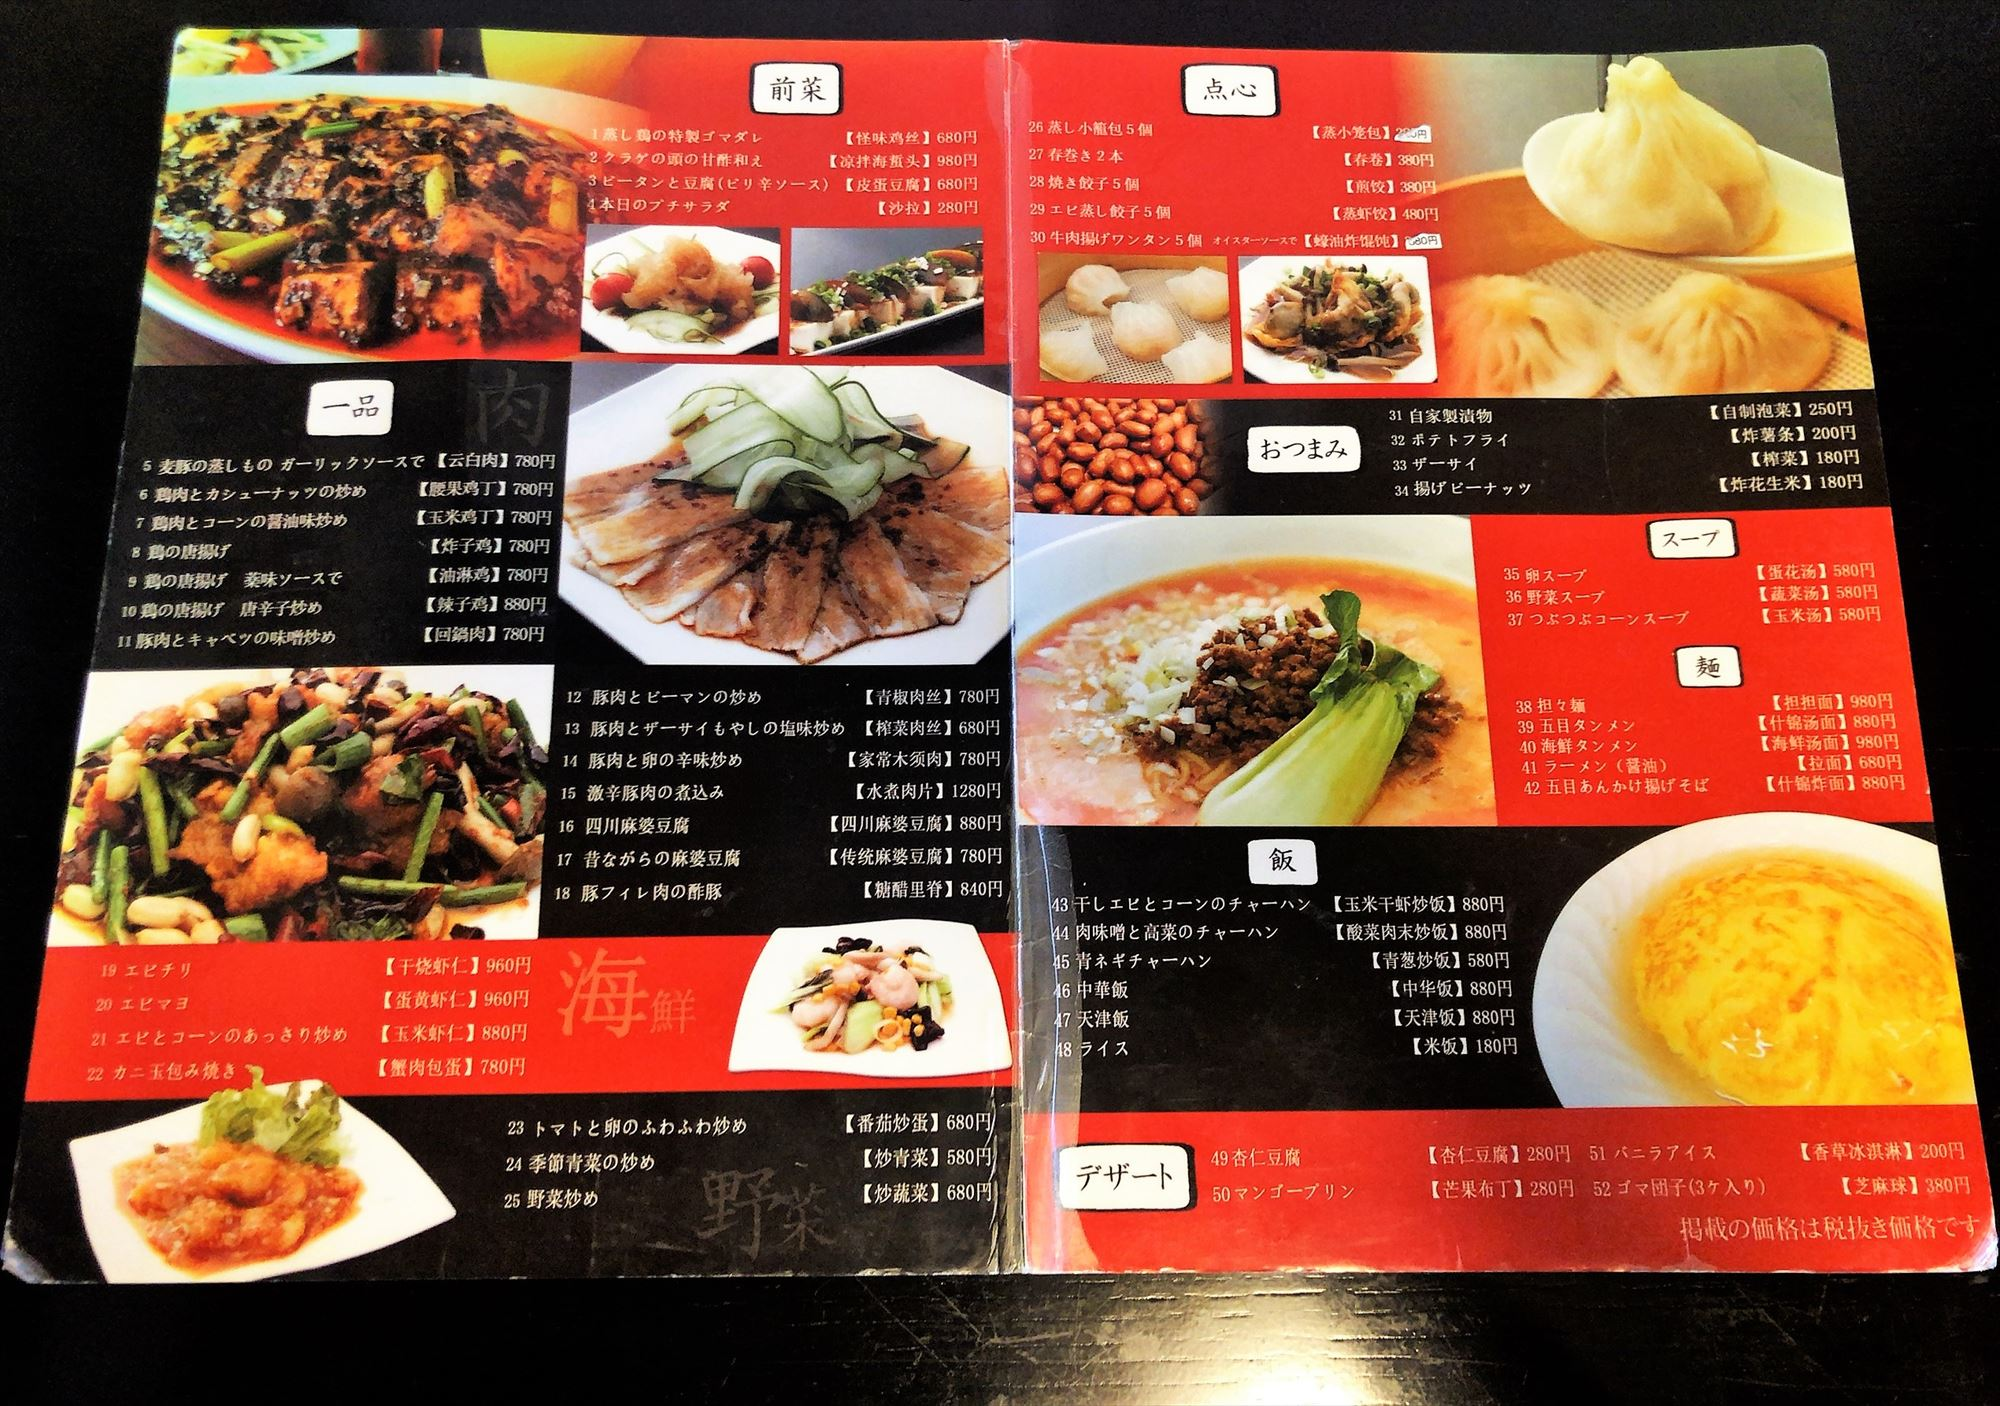 本場中国料理999小籠包のメニュー